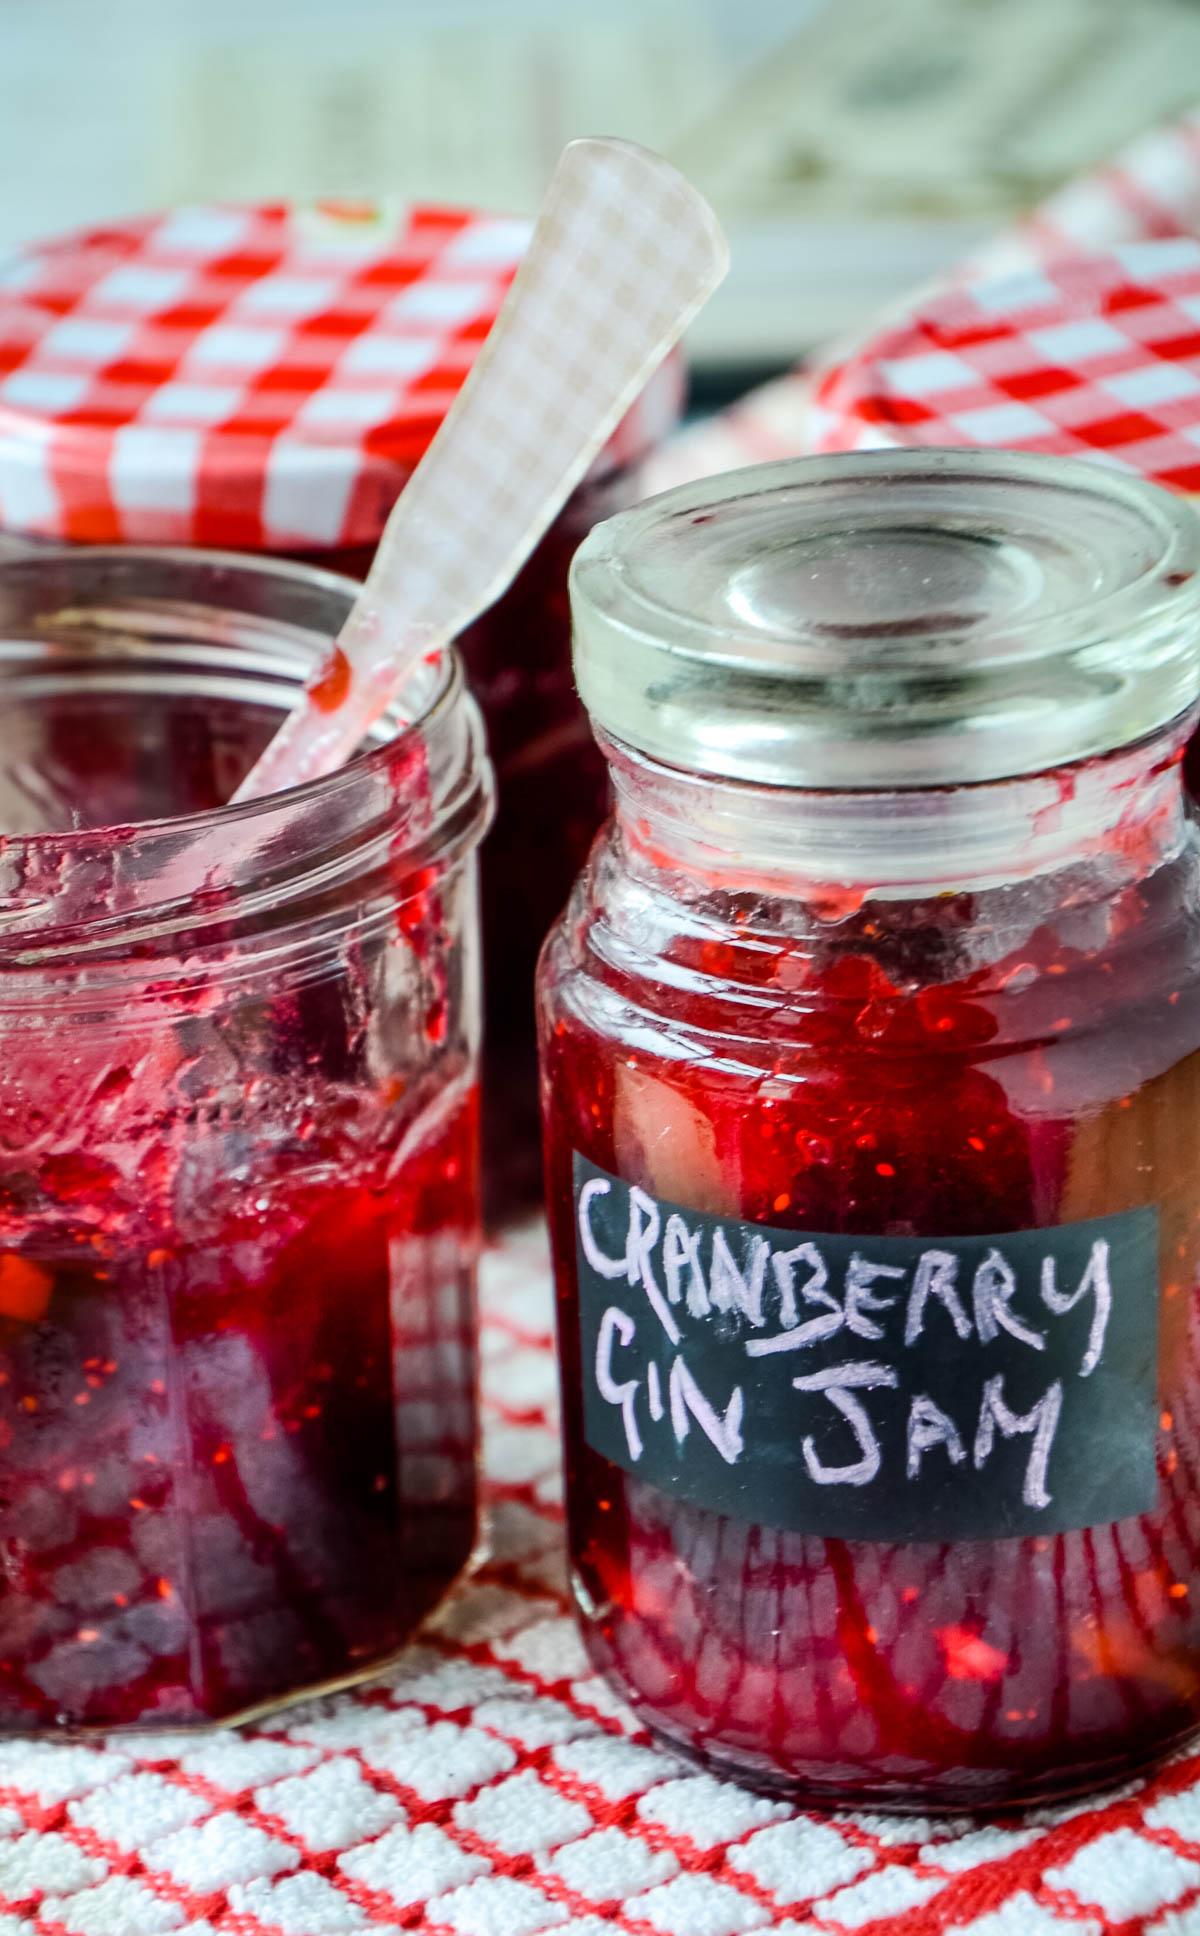 close up of jar of jam